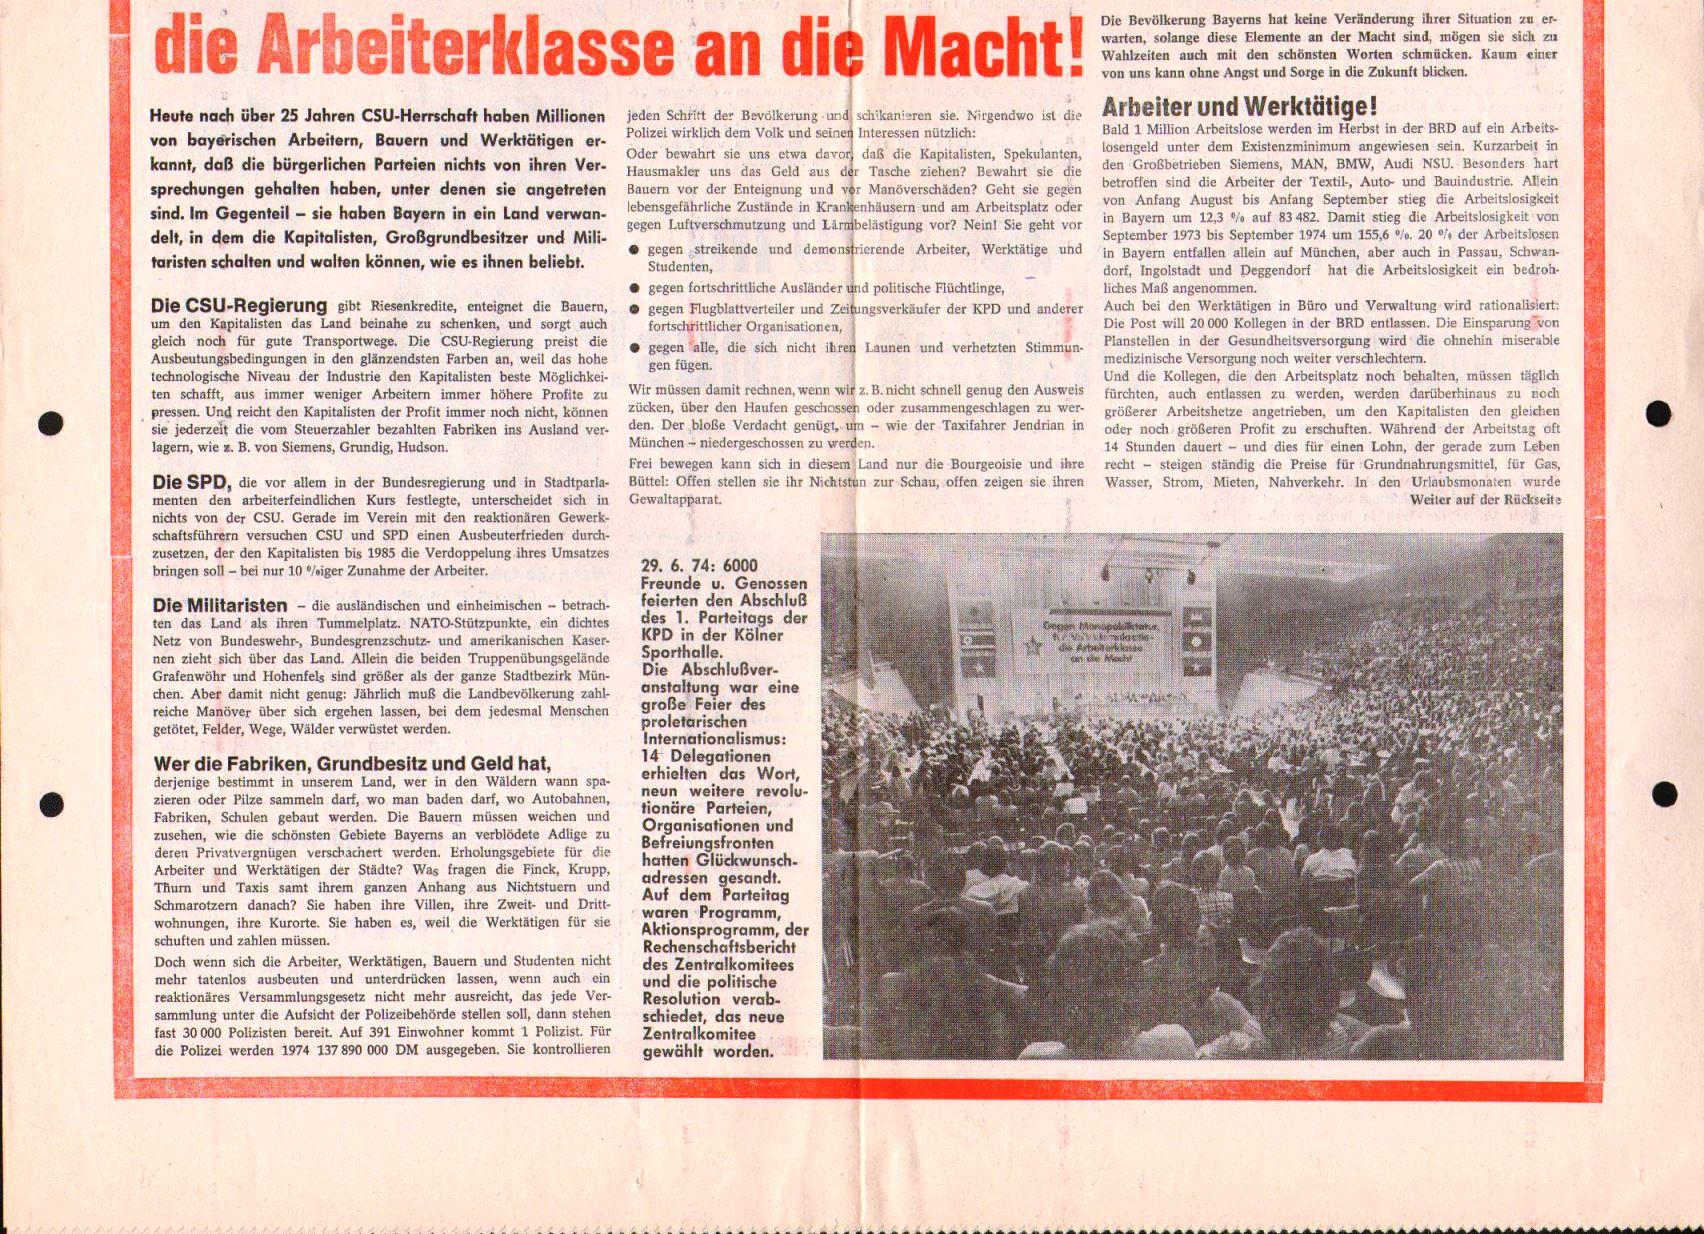 Bayern_KPDAO_1974_Wahlaufruf_02